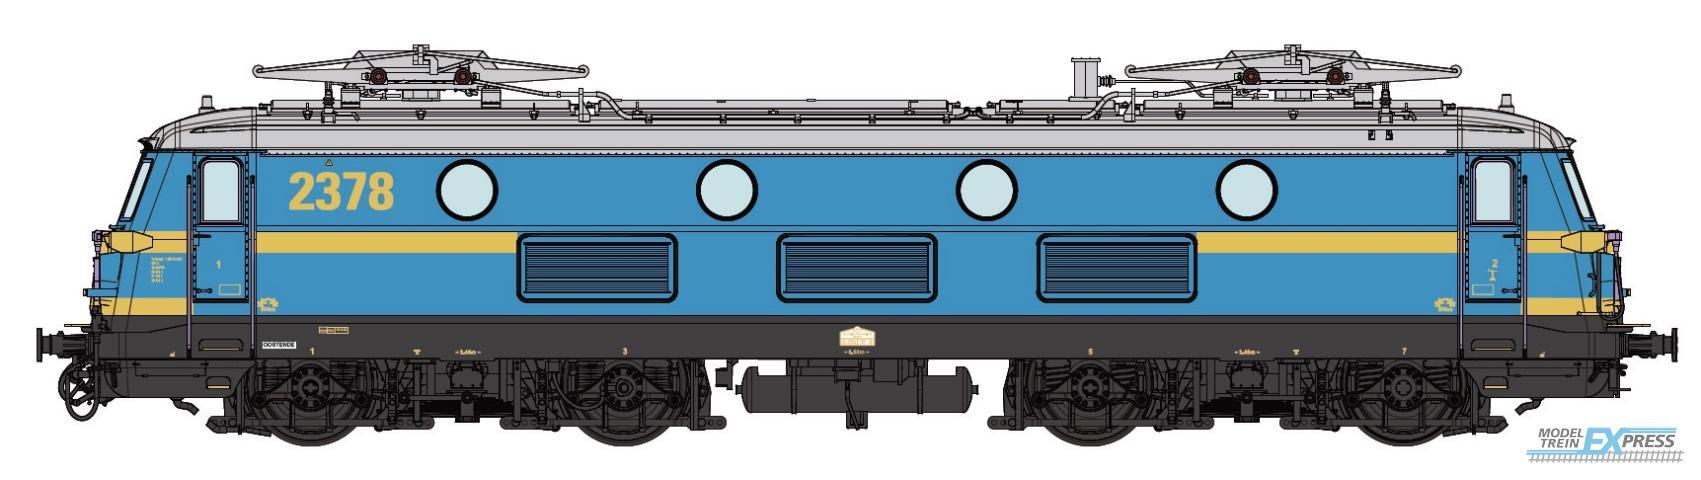 B-Models 3011.02